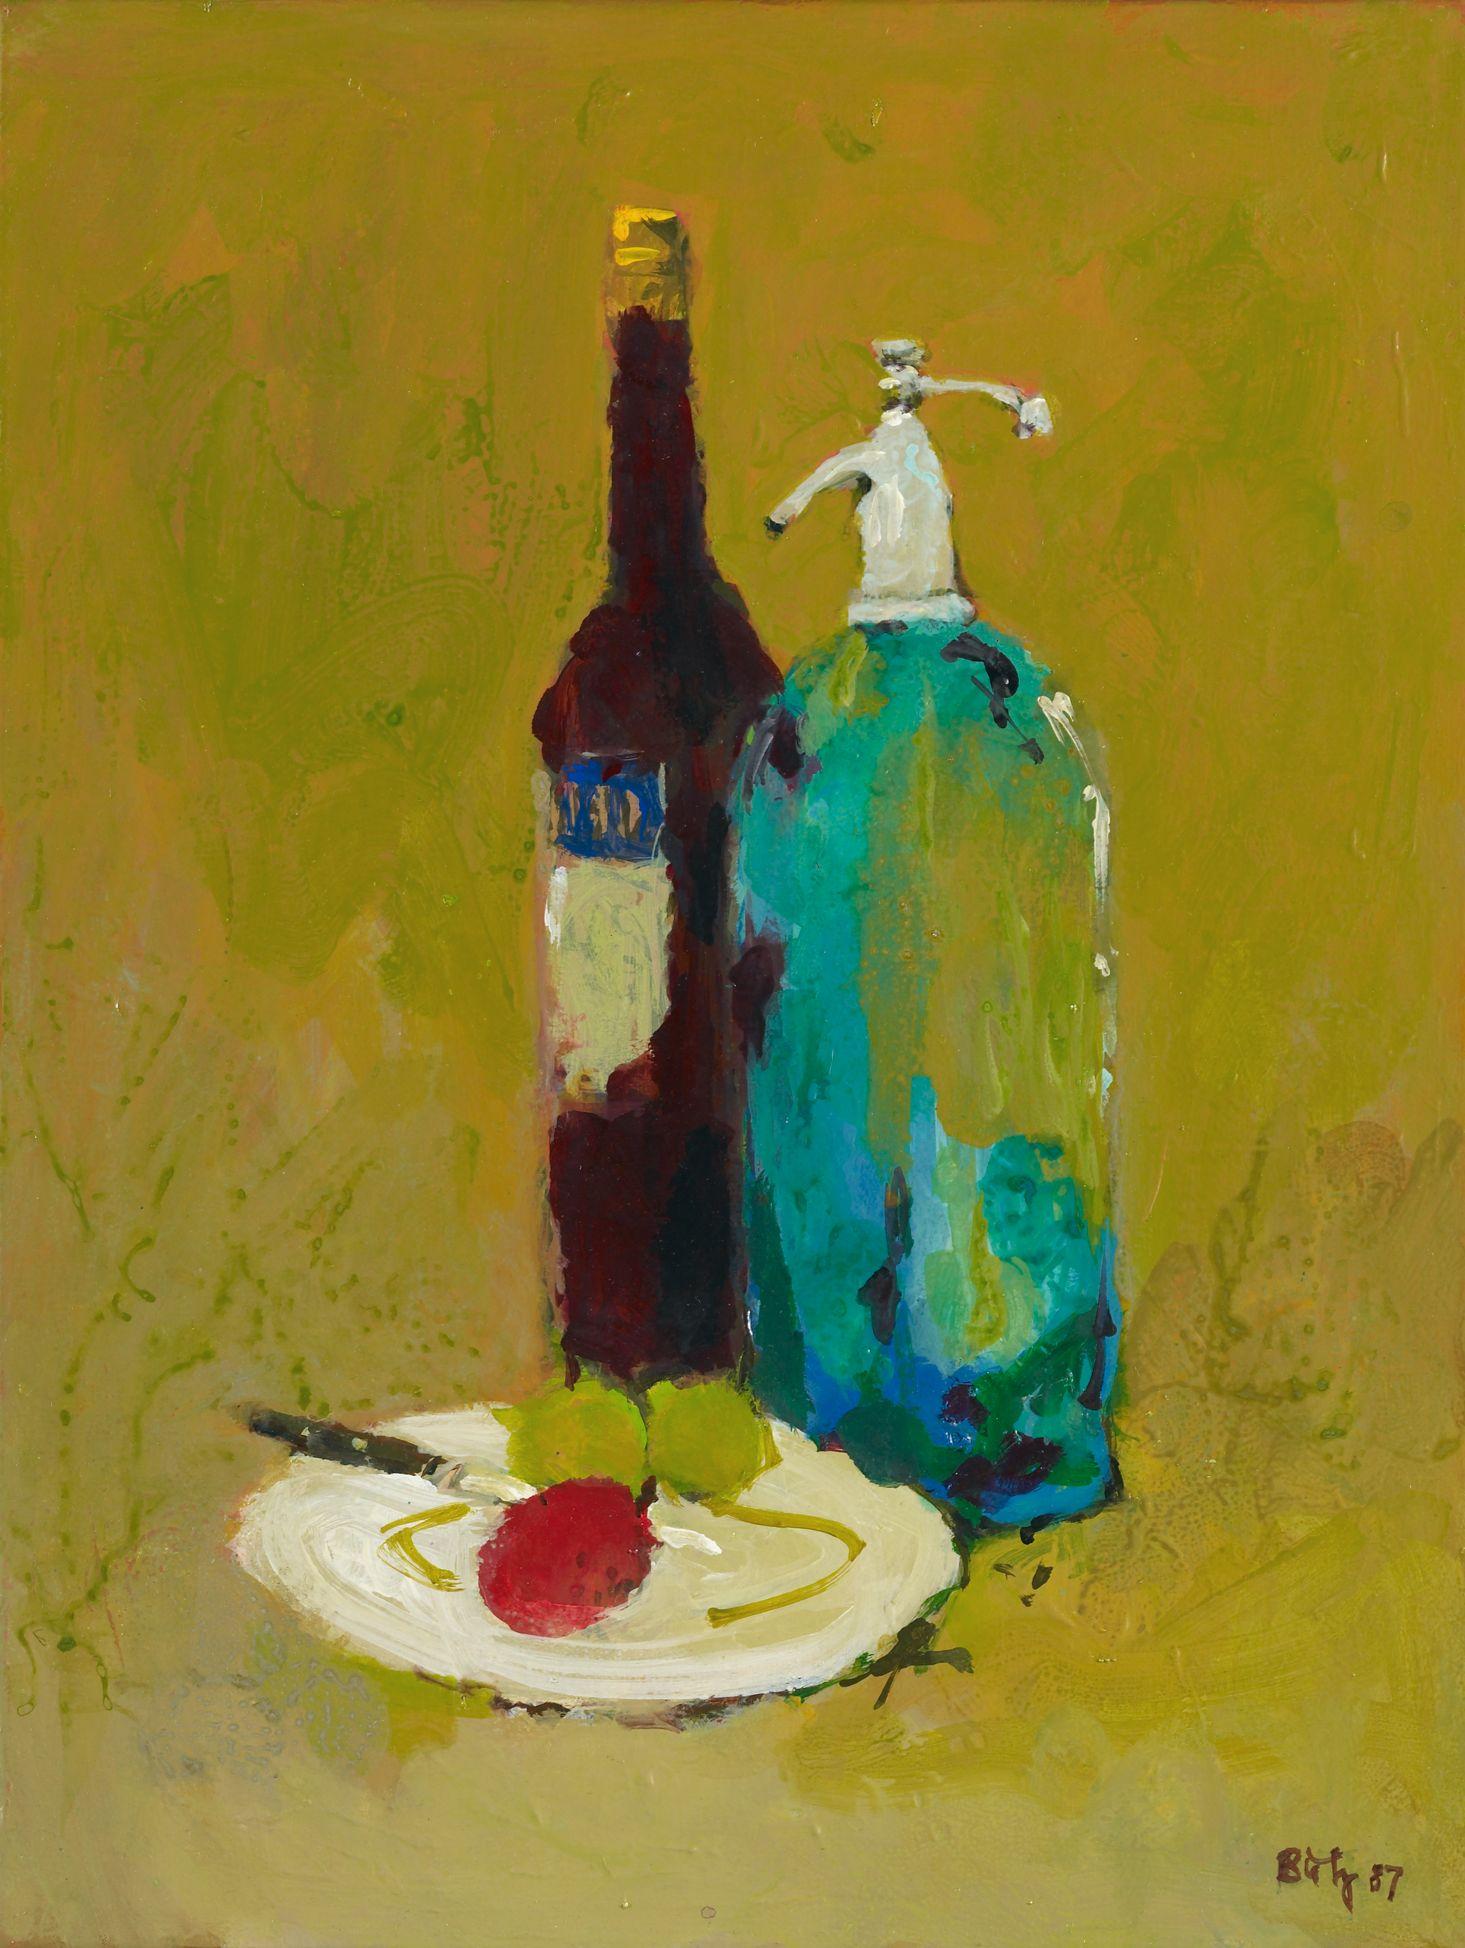 Apéro, 1987. Öl auf Leinwand